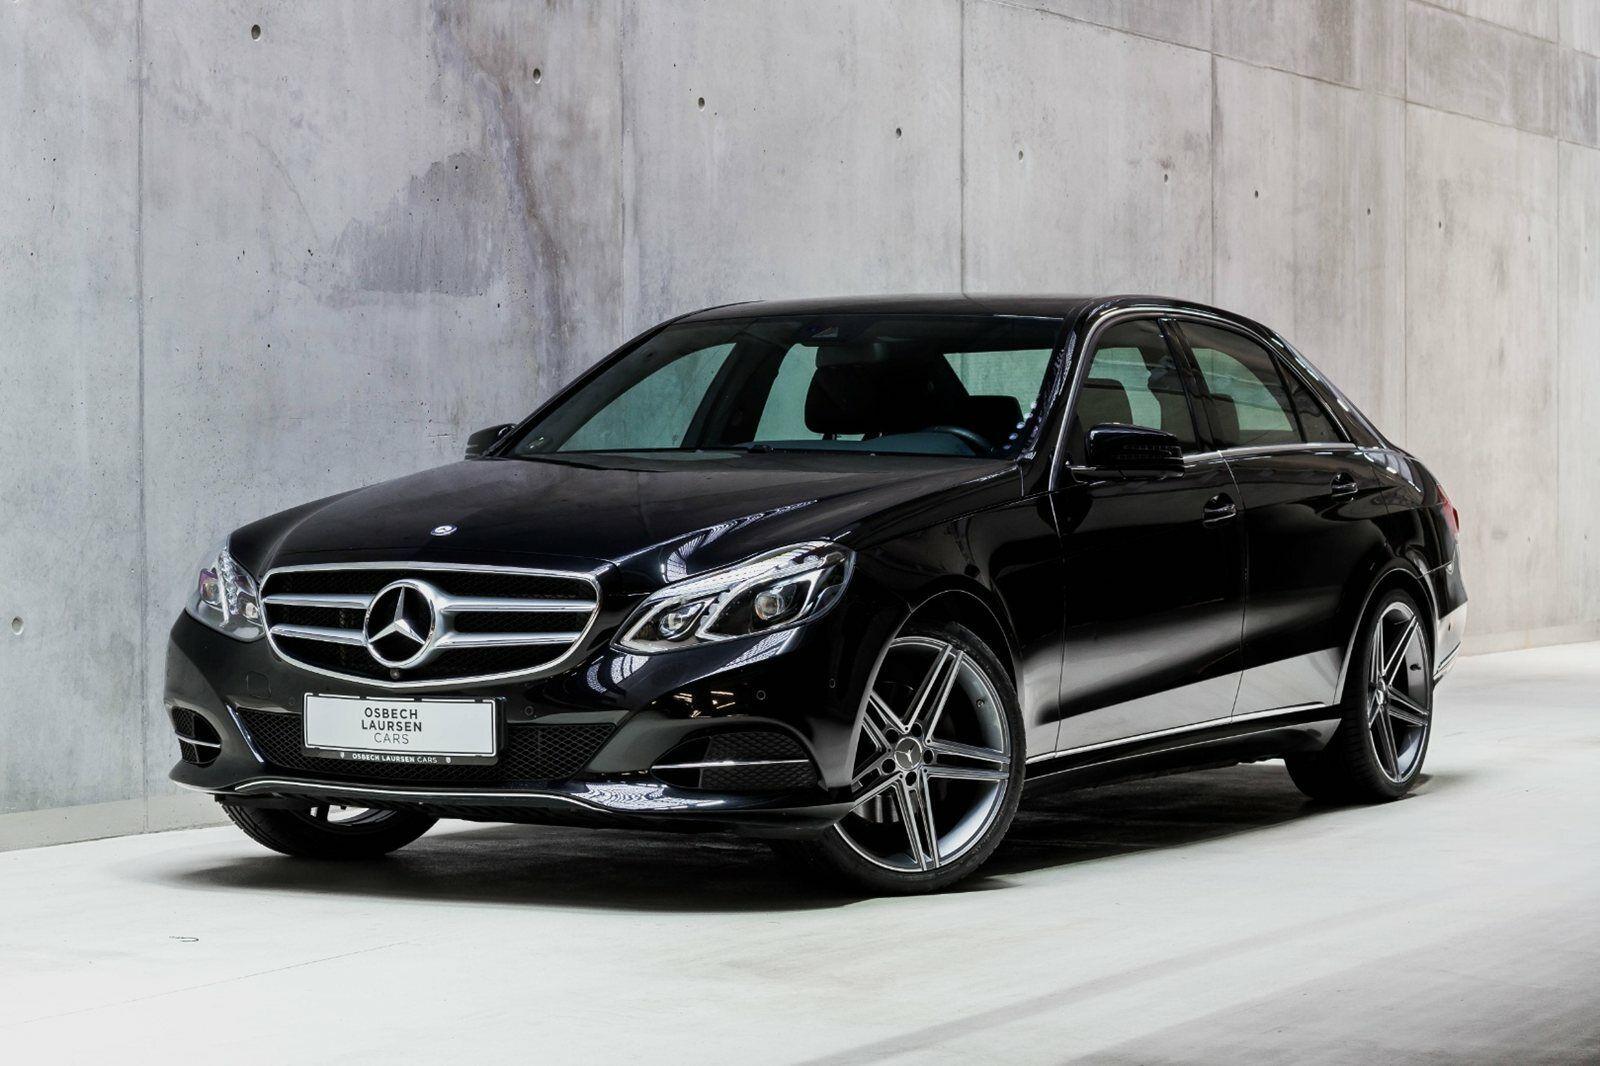 Mercedes E350 3,5 Avantgarde aut. 4-M 4d - 429.000 kr.